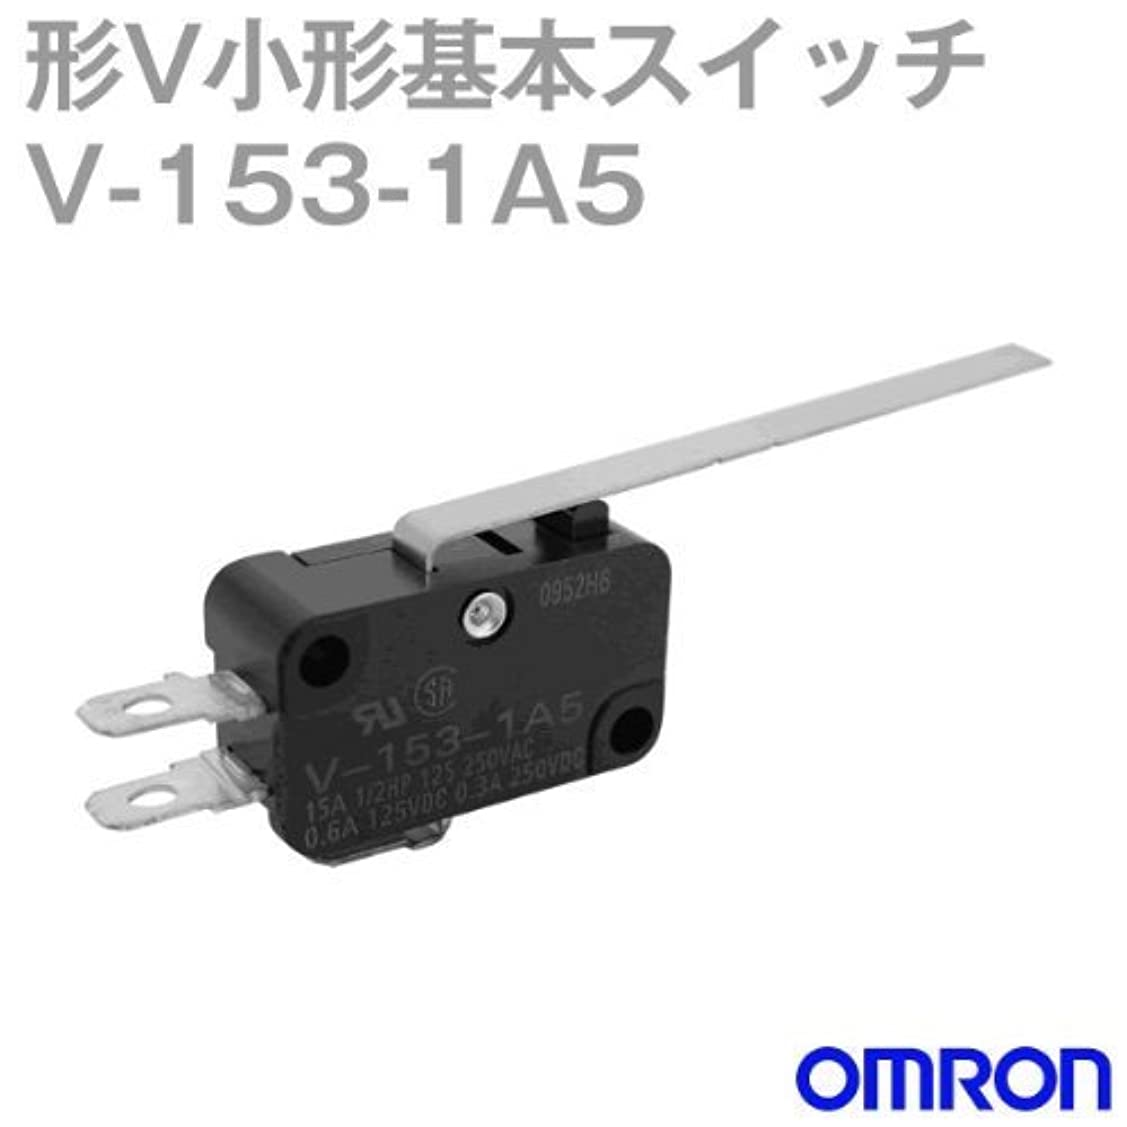 反対する歌中古オムロン(OMRON) V-153-1A5 形V小形基本スイッチ (ヒンジ?長レバー形) NN